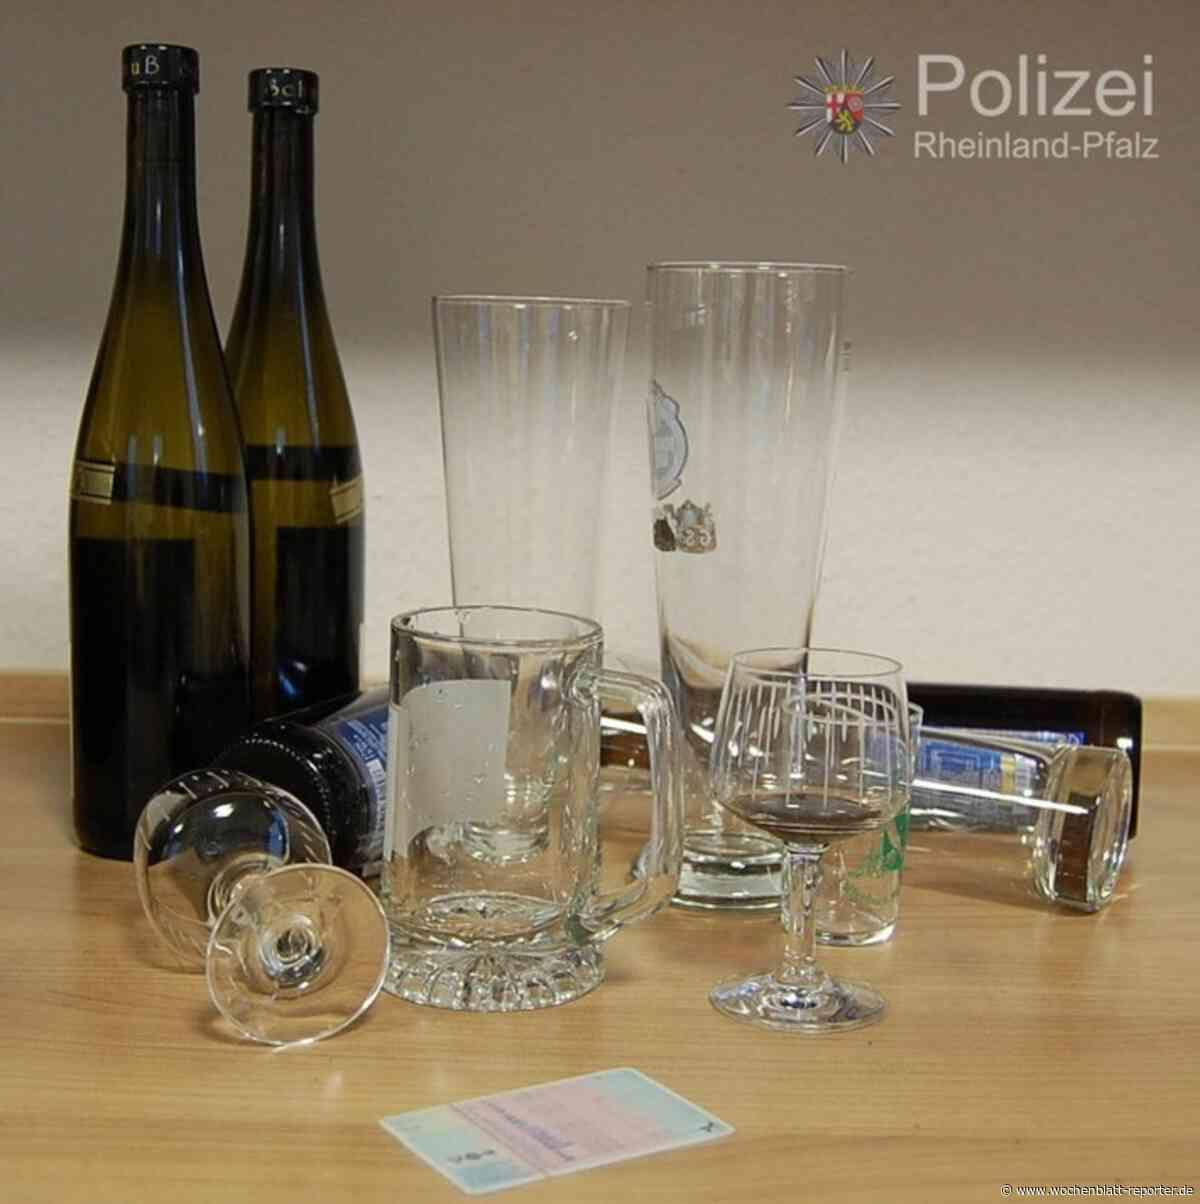 Verkehrskontrolle in Deidesheim: Mit Cocktail aus BtM und Alkohol unterwegs - Deidesheim - Wochenblatt-Reporter